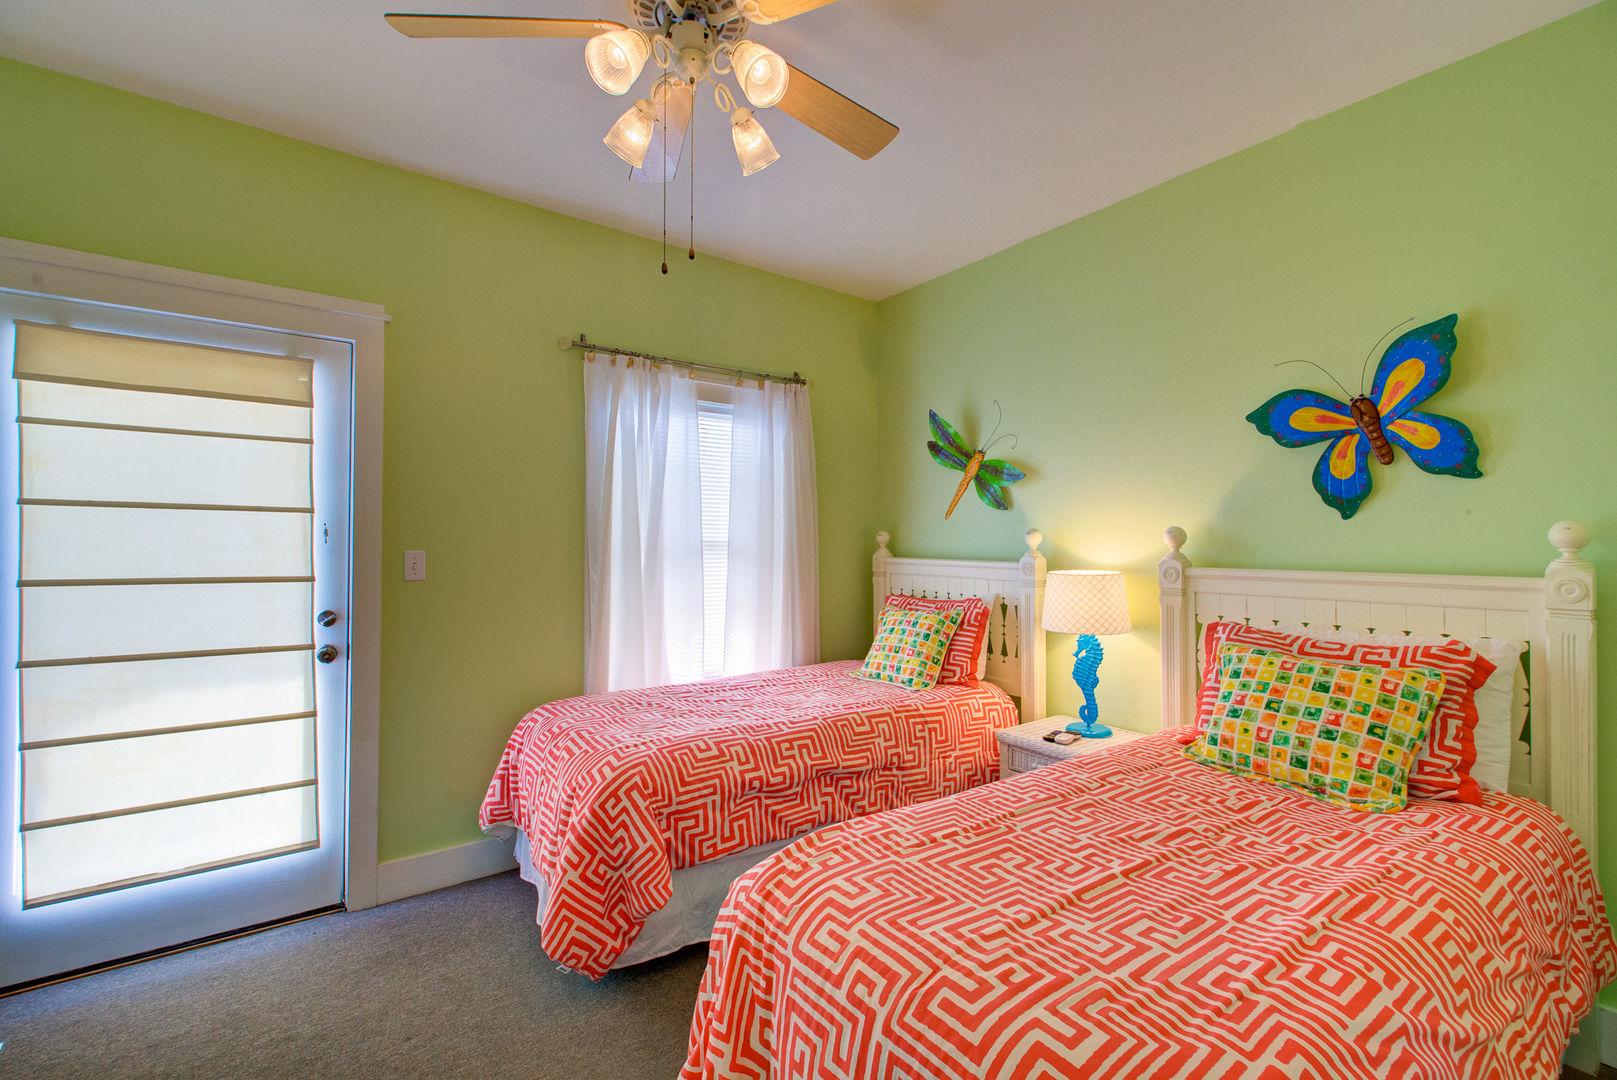 Bedroom # 4 has 2 twin beds to sleep 2.